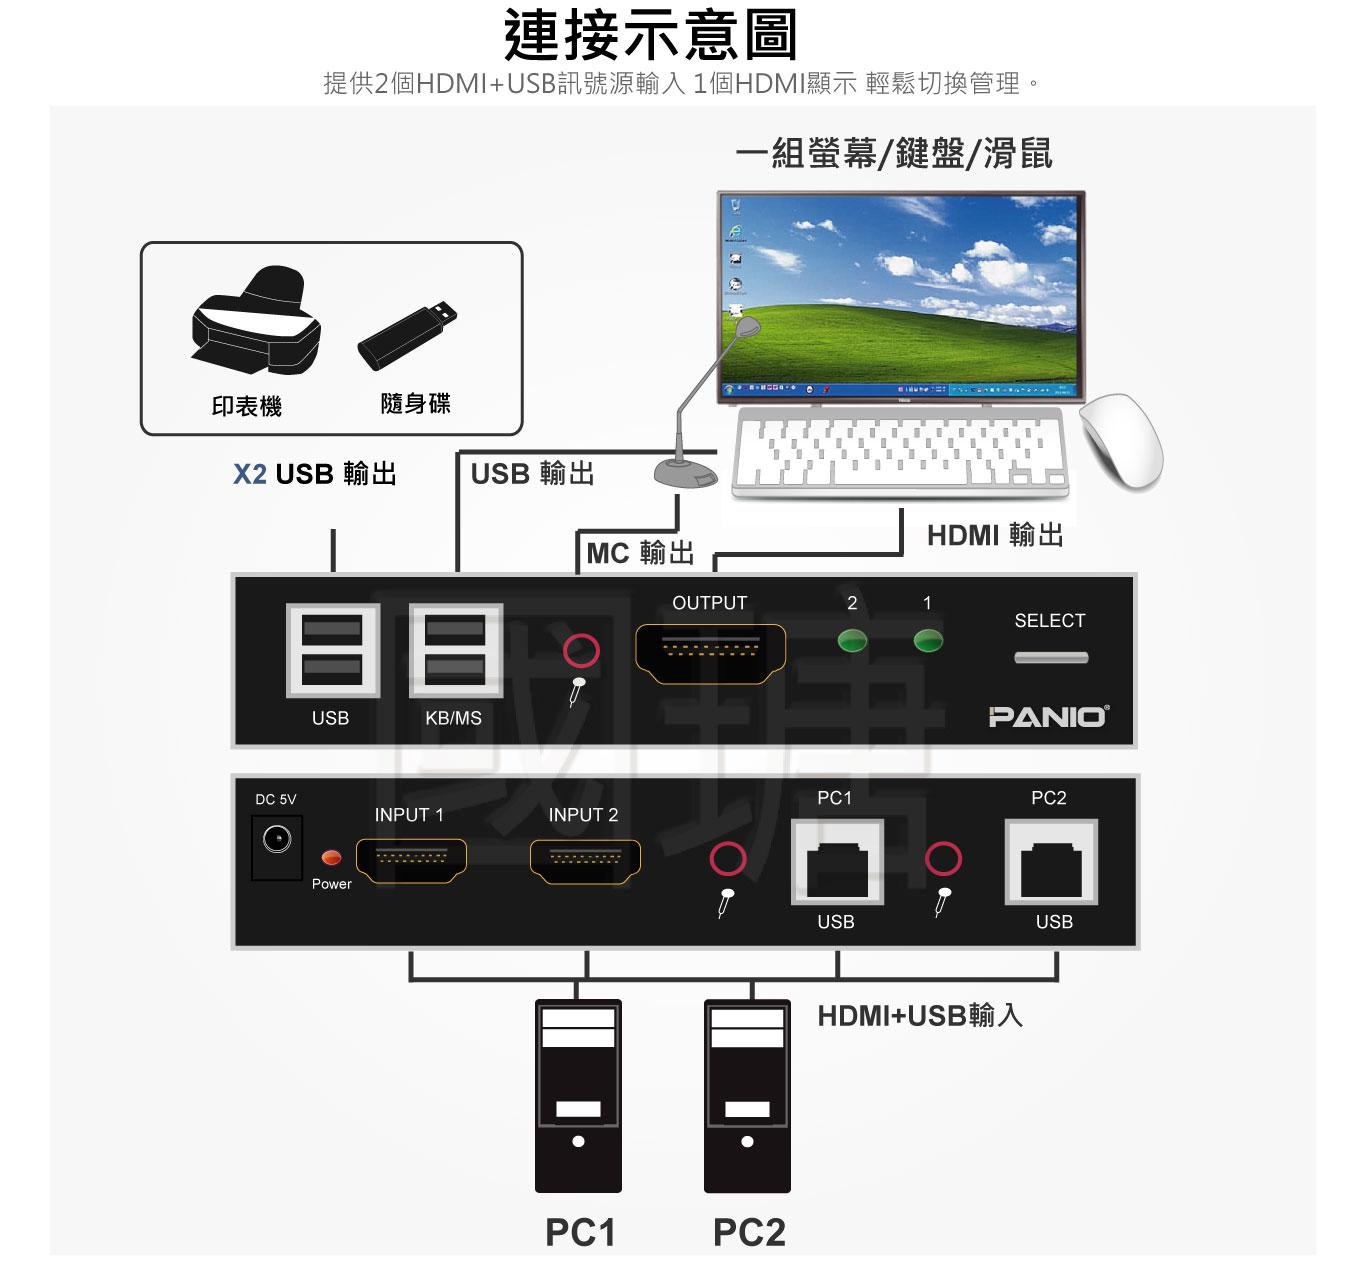 2埠 4K2K HDMI螢幕+USB鍵盤滑鼠 KVM多電腦主機切換器 | 台灣PANIO國瑭